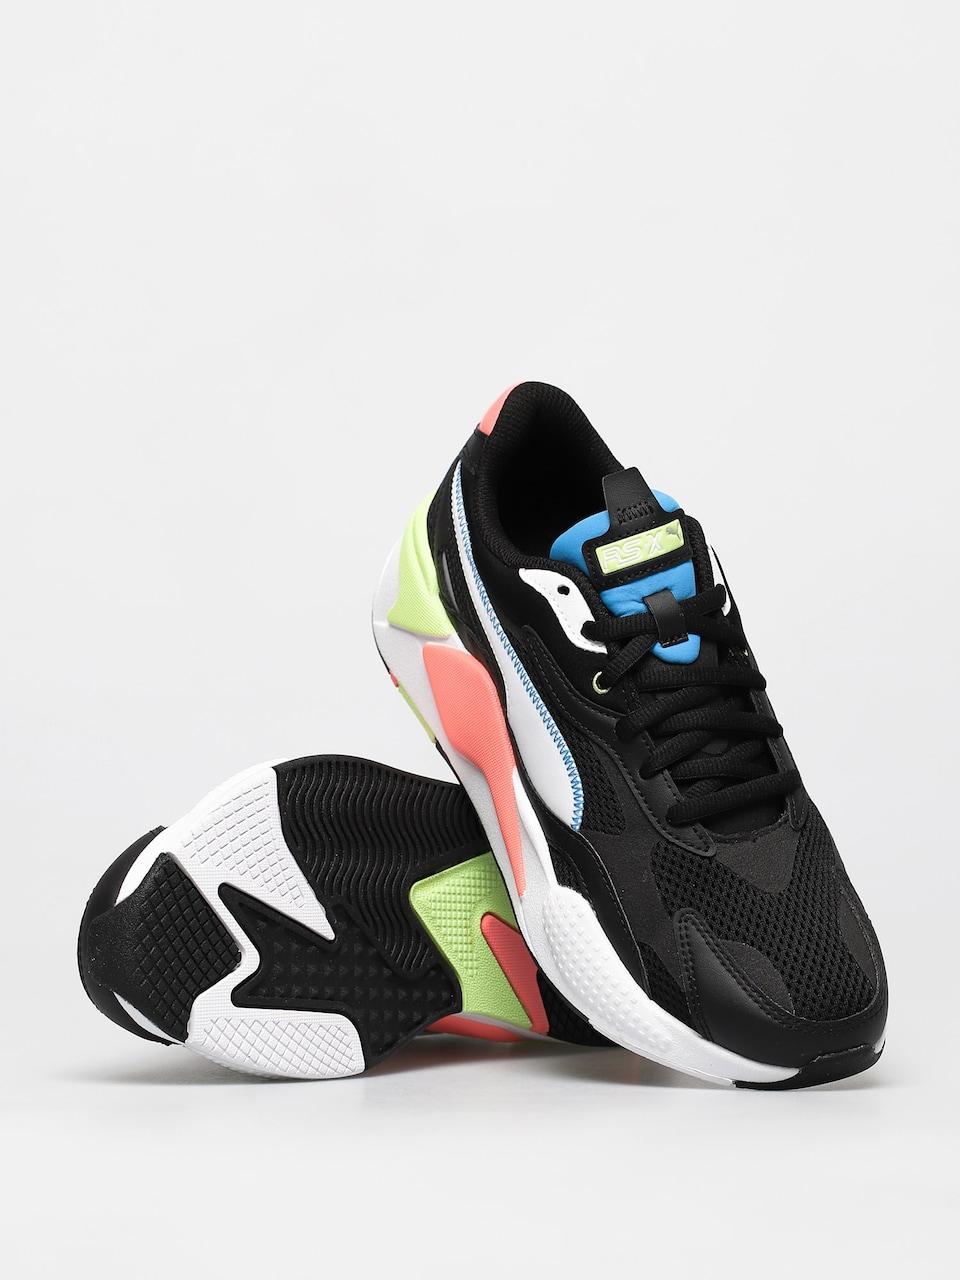 Puma Rs X Millenium Shoes (black/white)